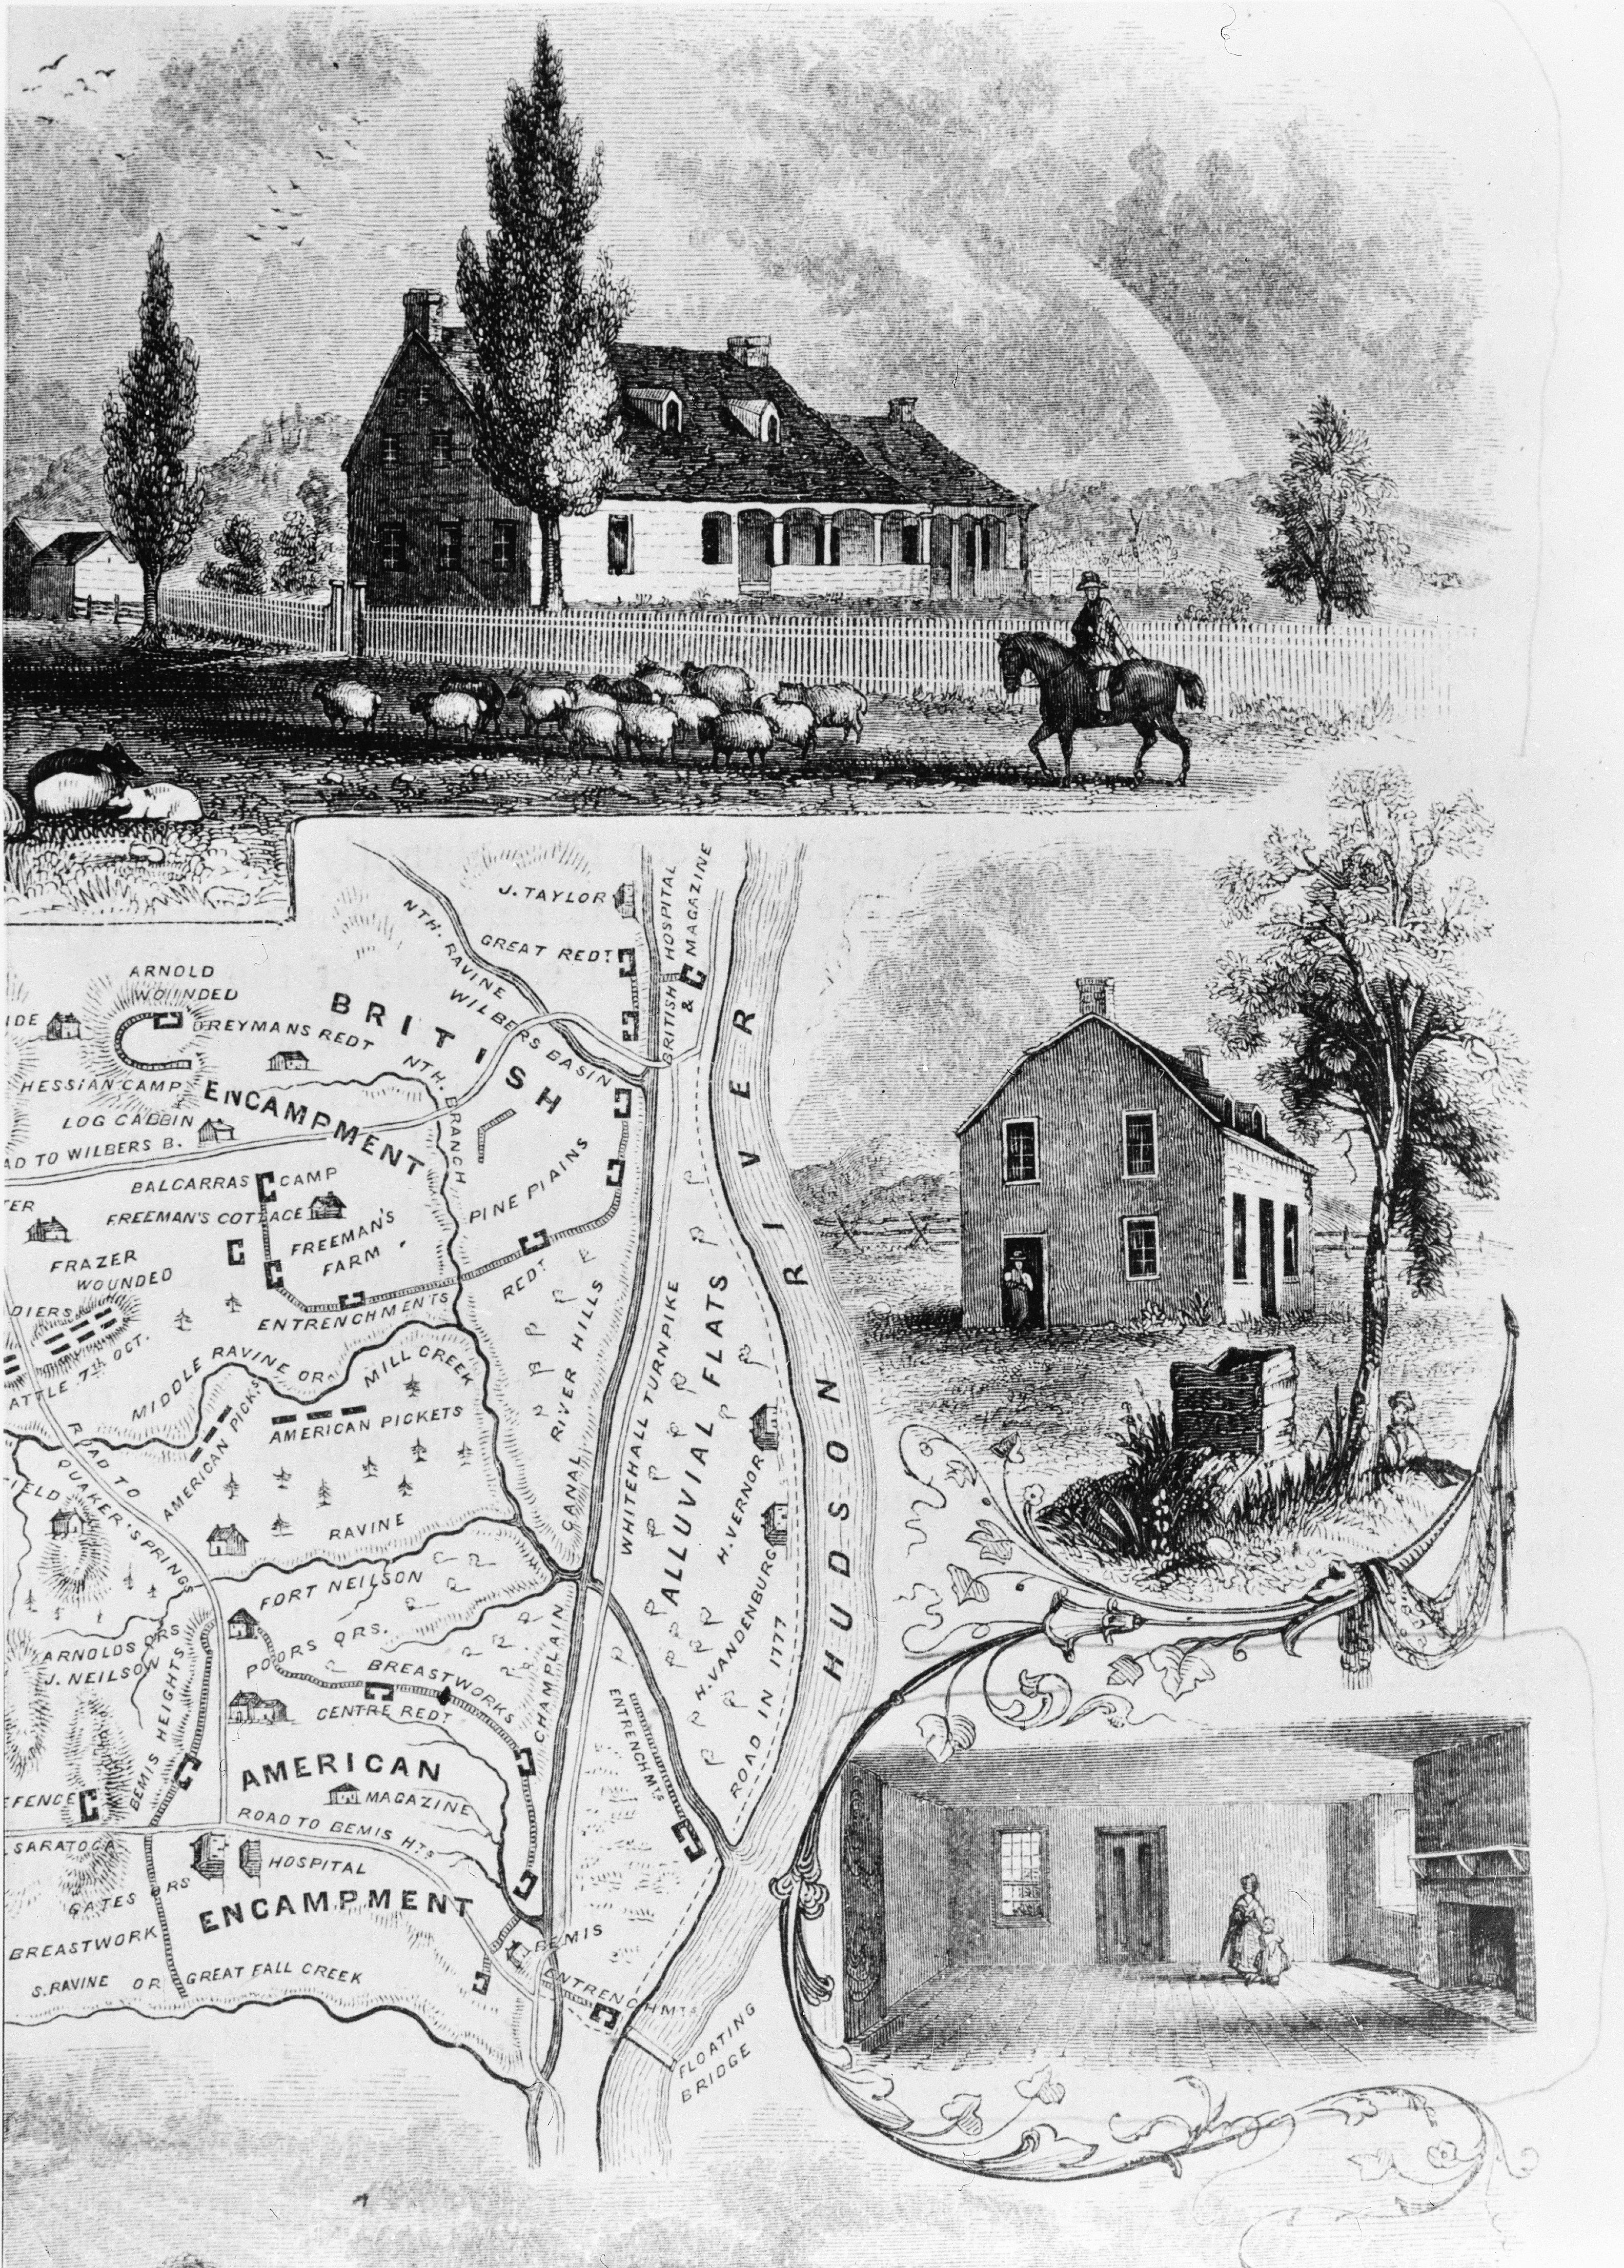 Schlacht von Bemis Heights – Wikipedia